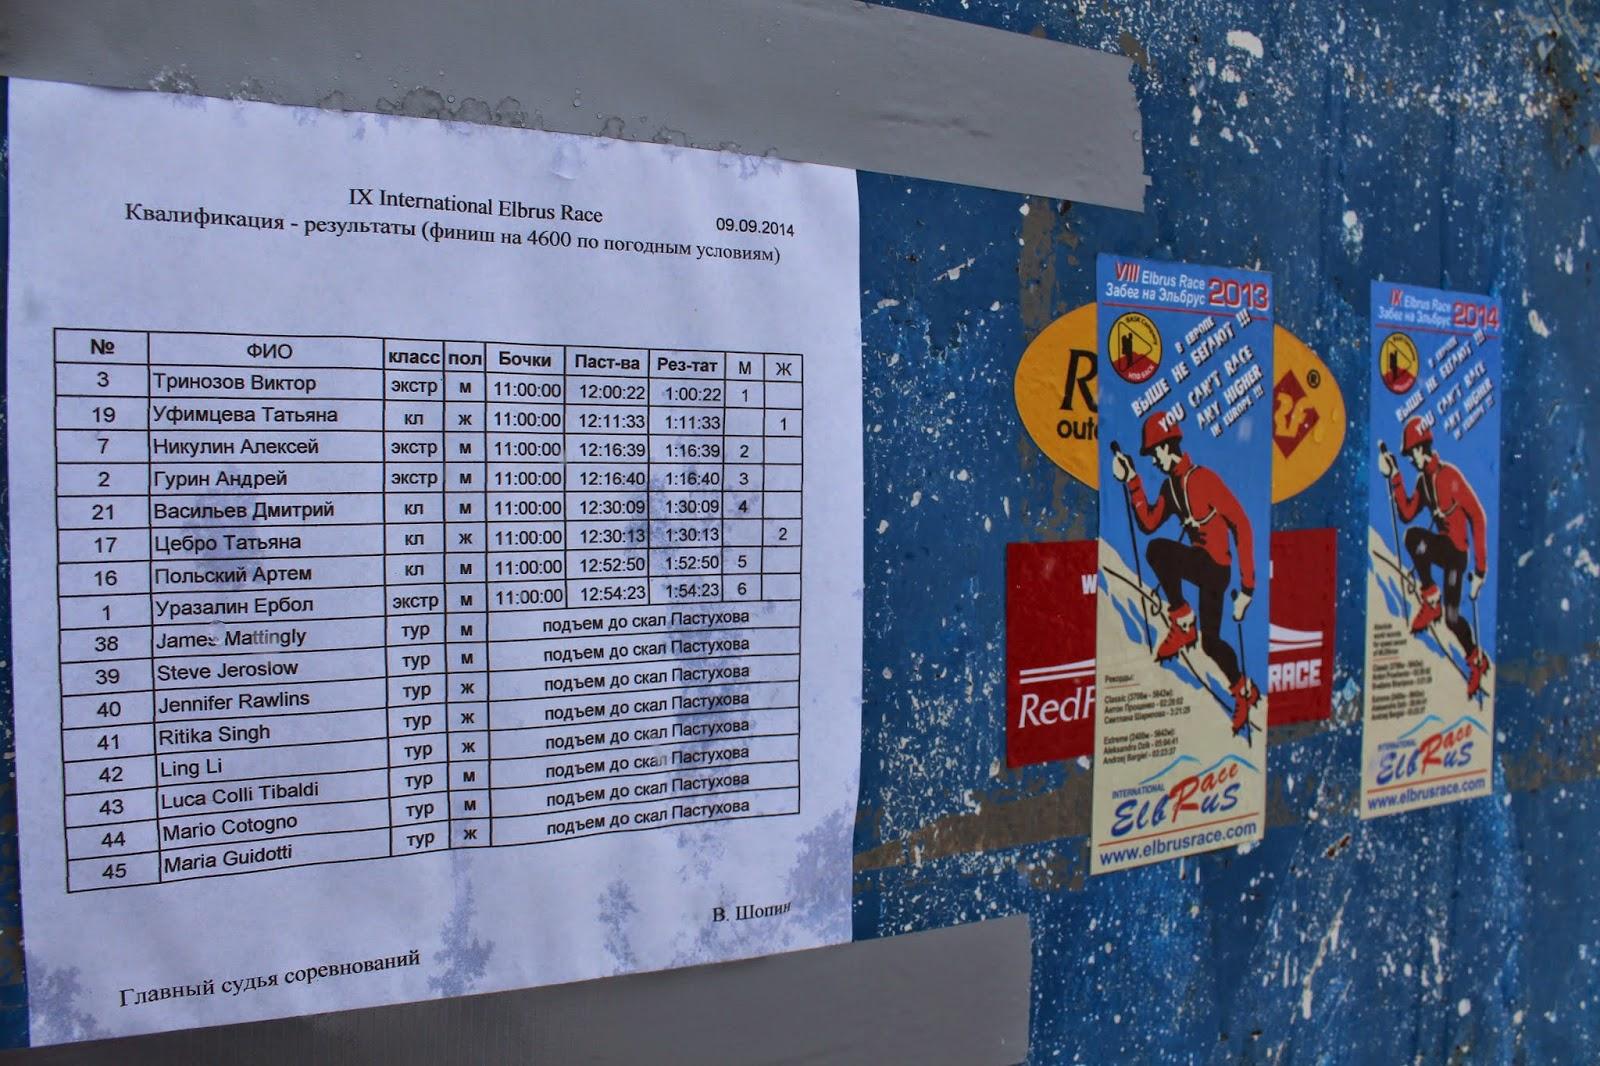 Roster for the 2014 International Elbrus Race